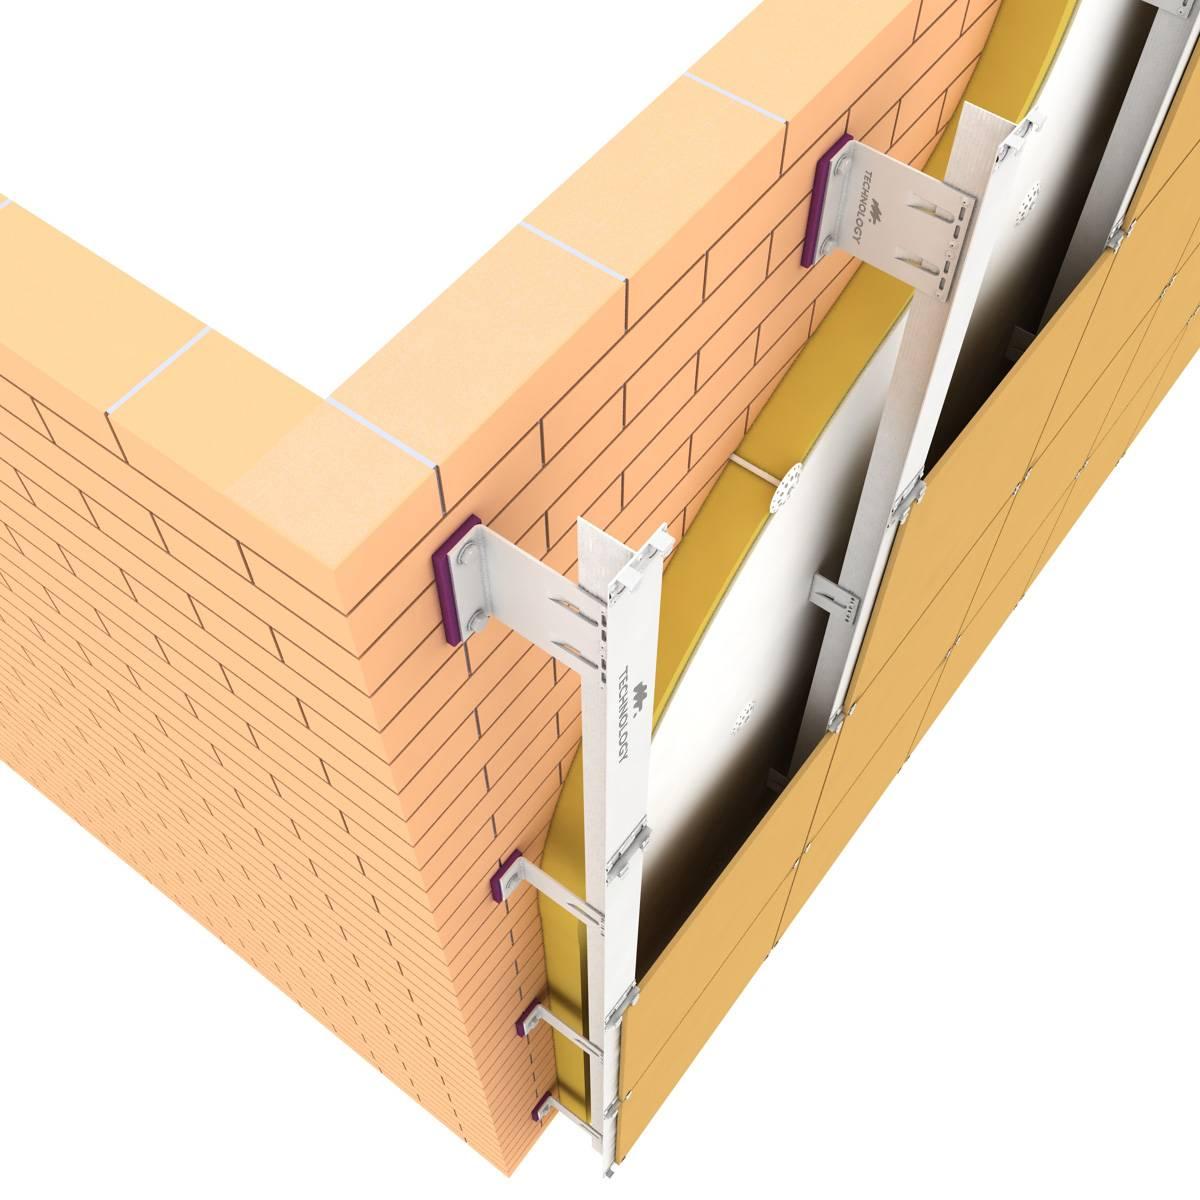 Подконструкции для вентилируемого фасада. обзор | портал фасадного рынка